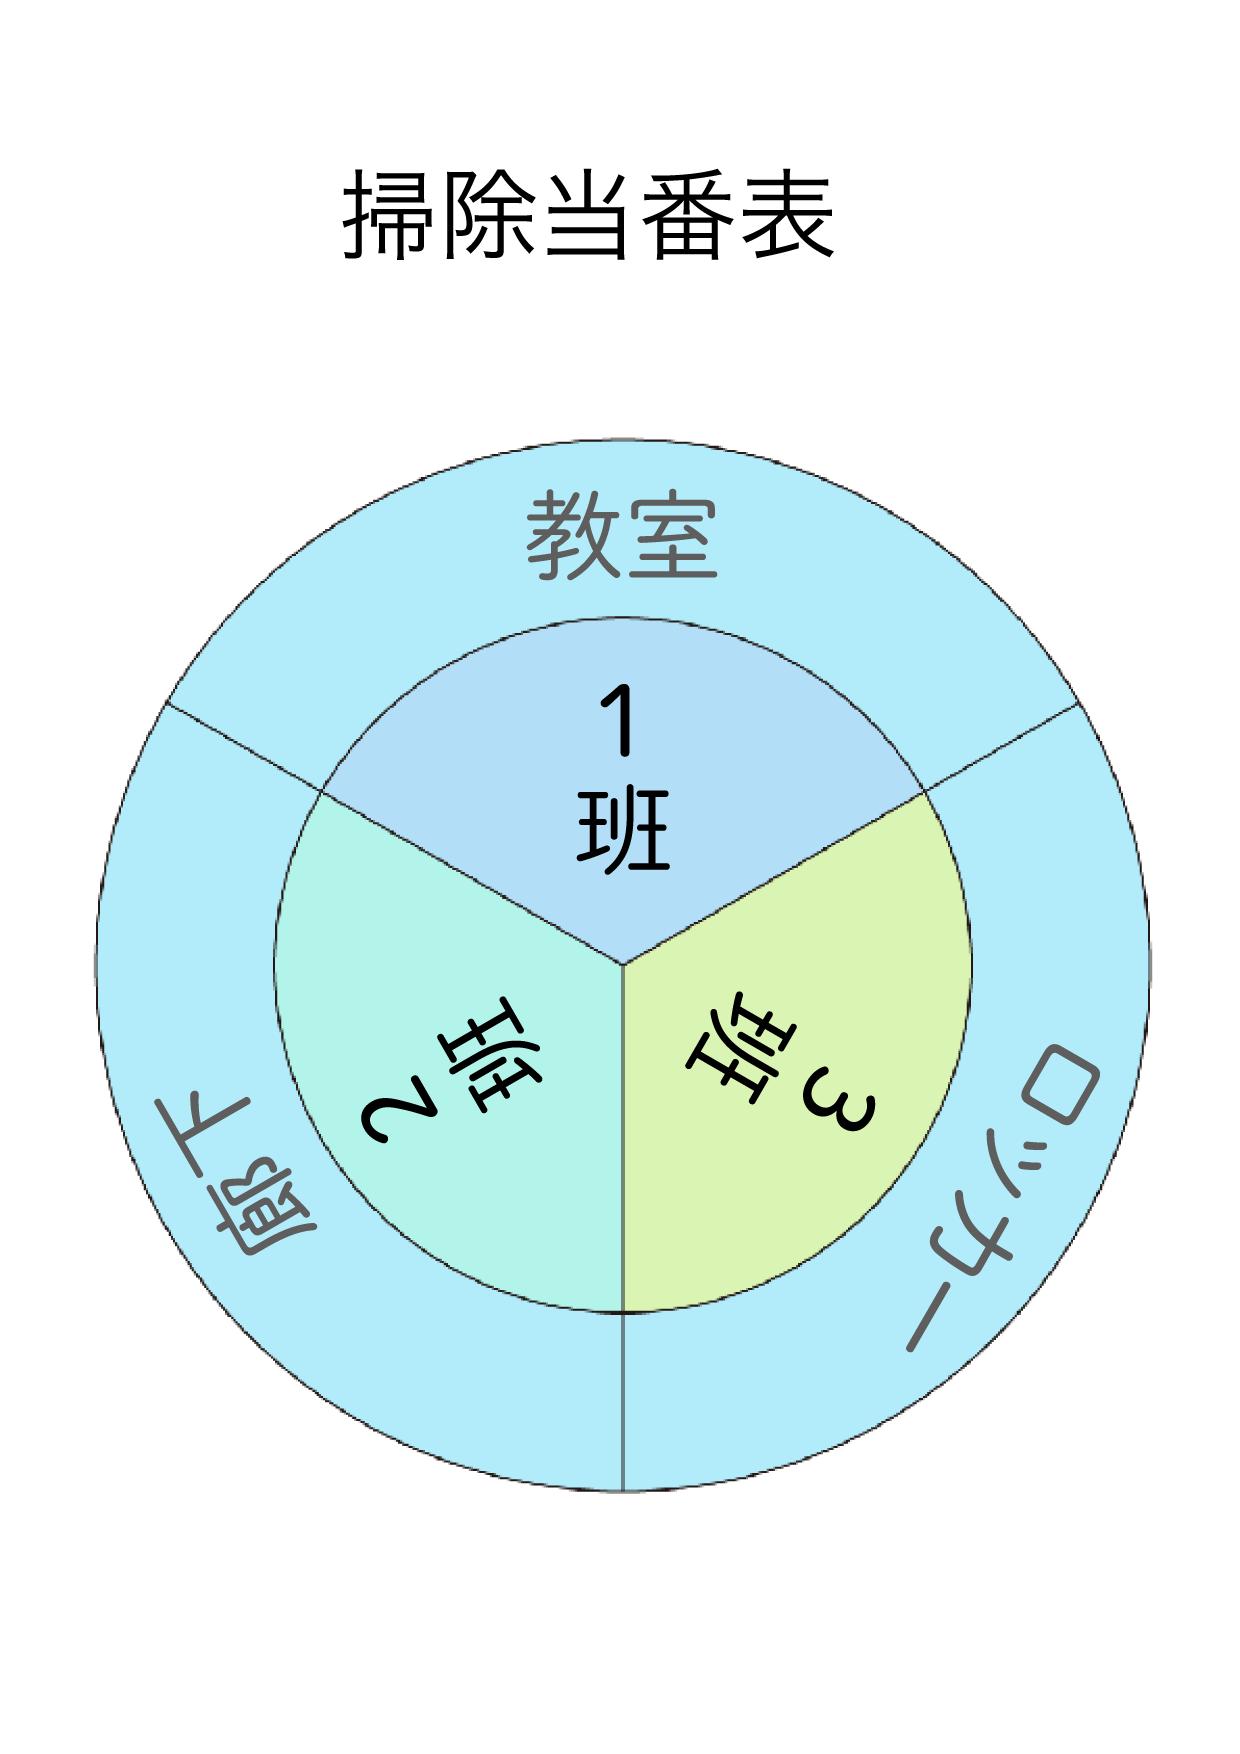 丸型の掃除当番表のテンプレート/エクセル・ナンバーズ